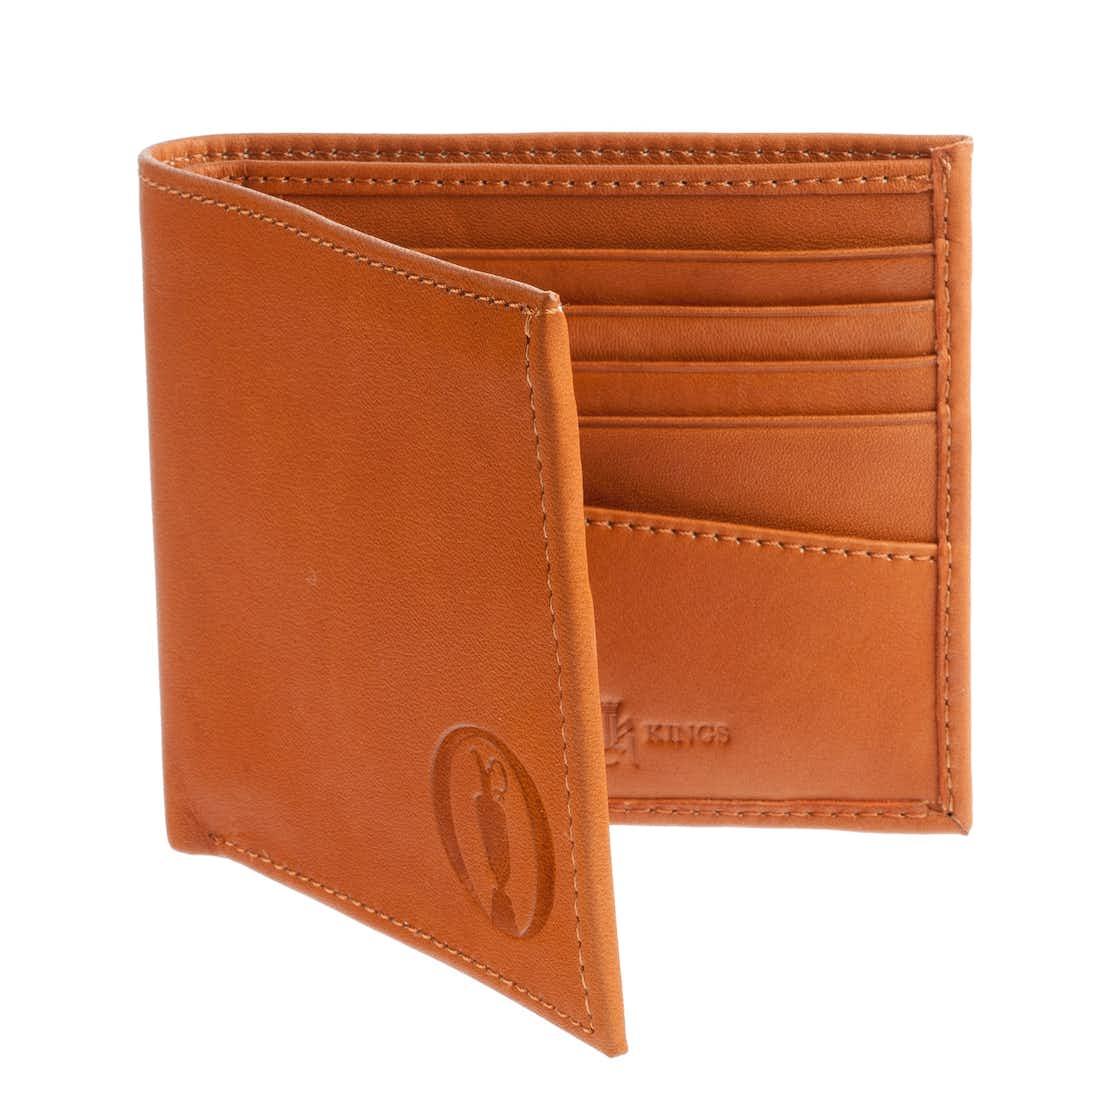 Links & Kings Wallet - Brown